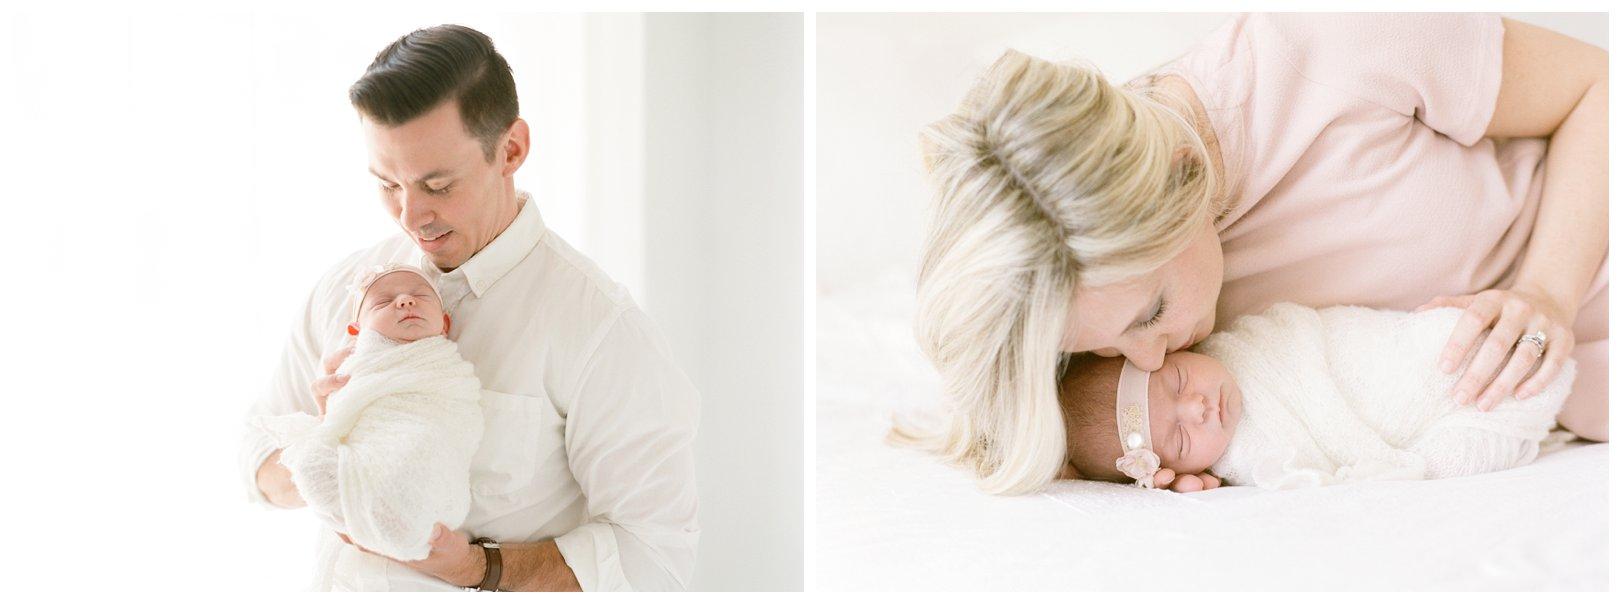 lauren muckler photography_fine art film wedding photography_st louis_photography_3351.jpg